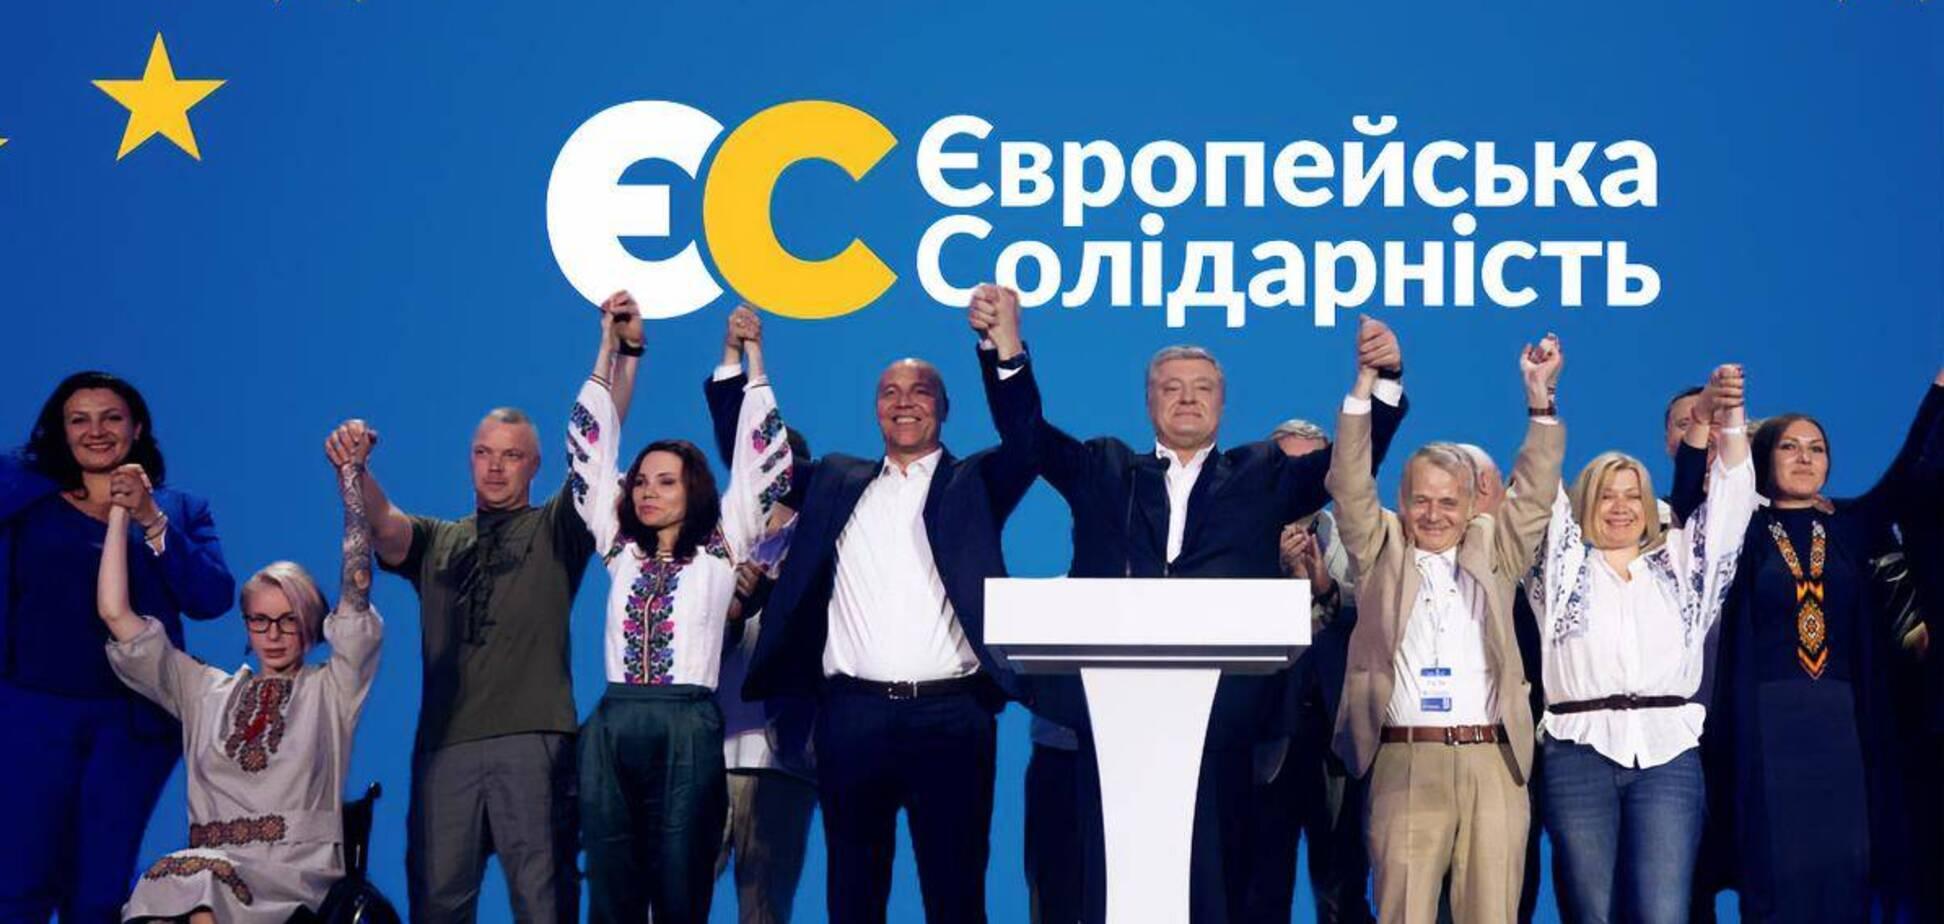 Частина кремлівського плану знищення незалежності України, – 'ЄС' про заяви ОПЗЖ